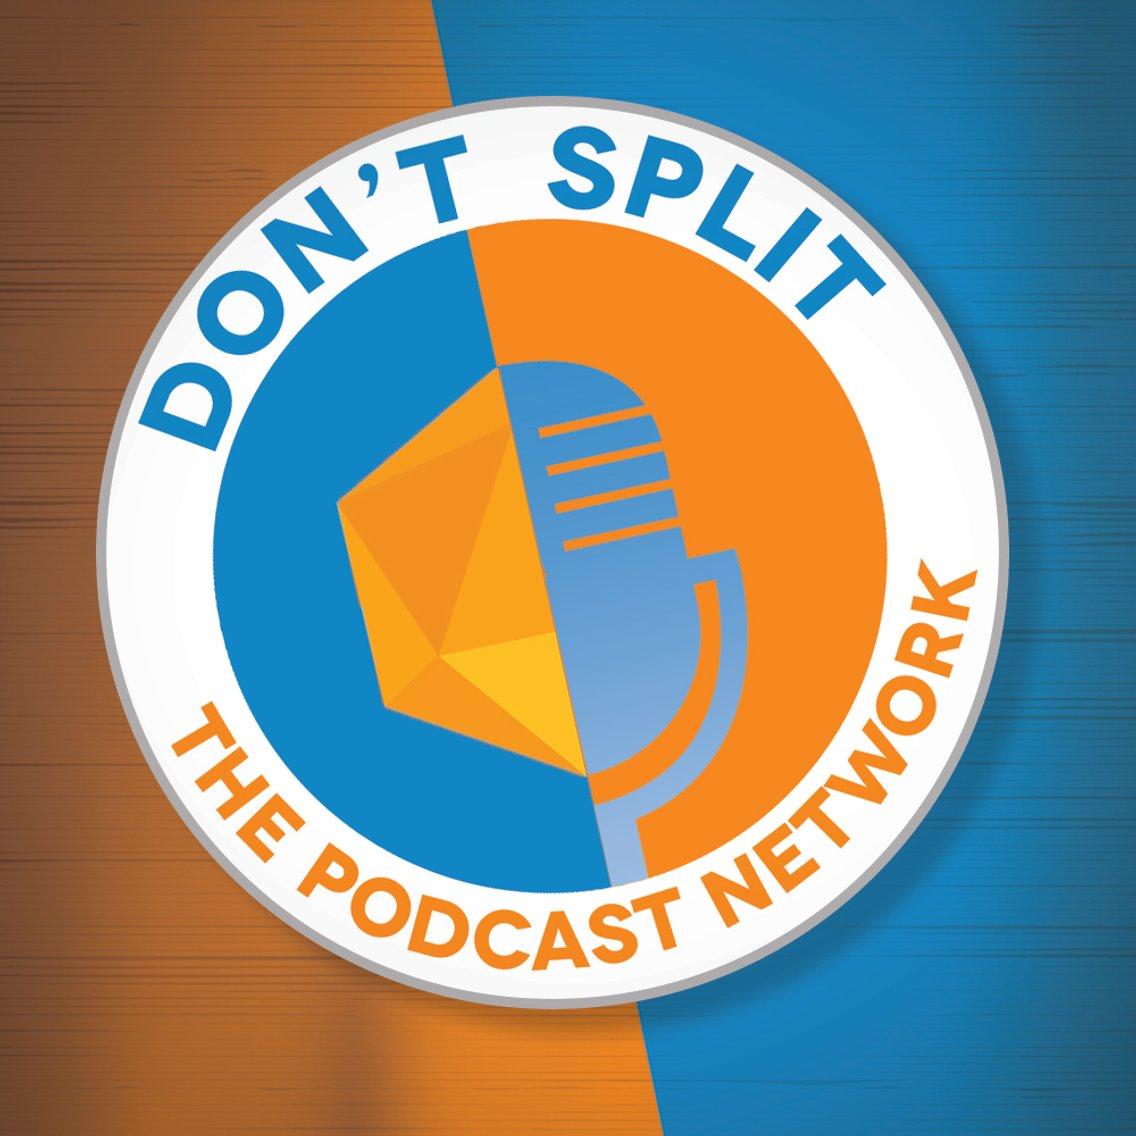 DSPN Presents - immagine di copertina